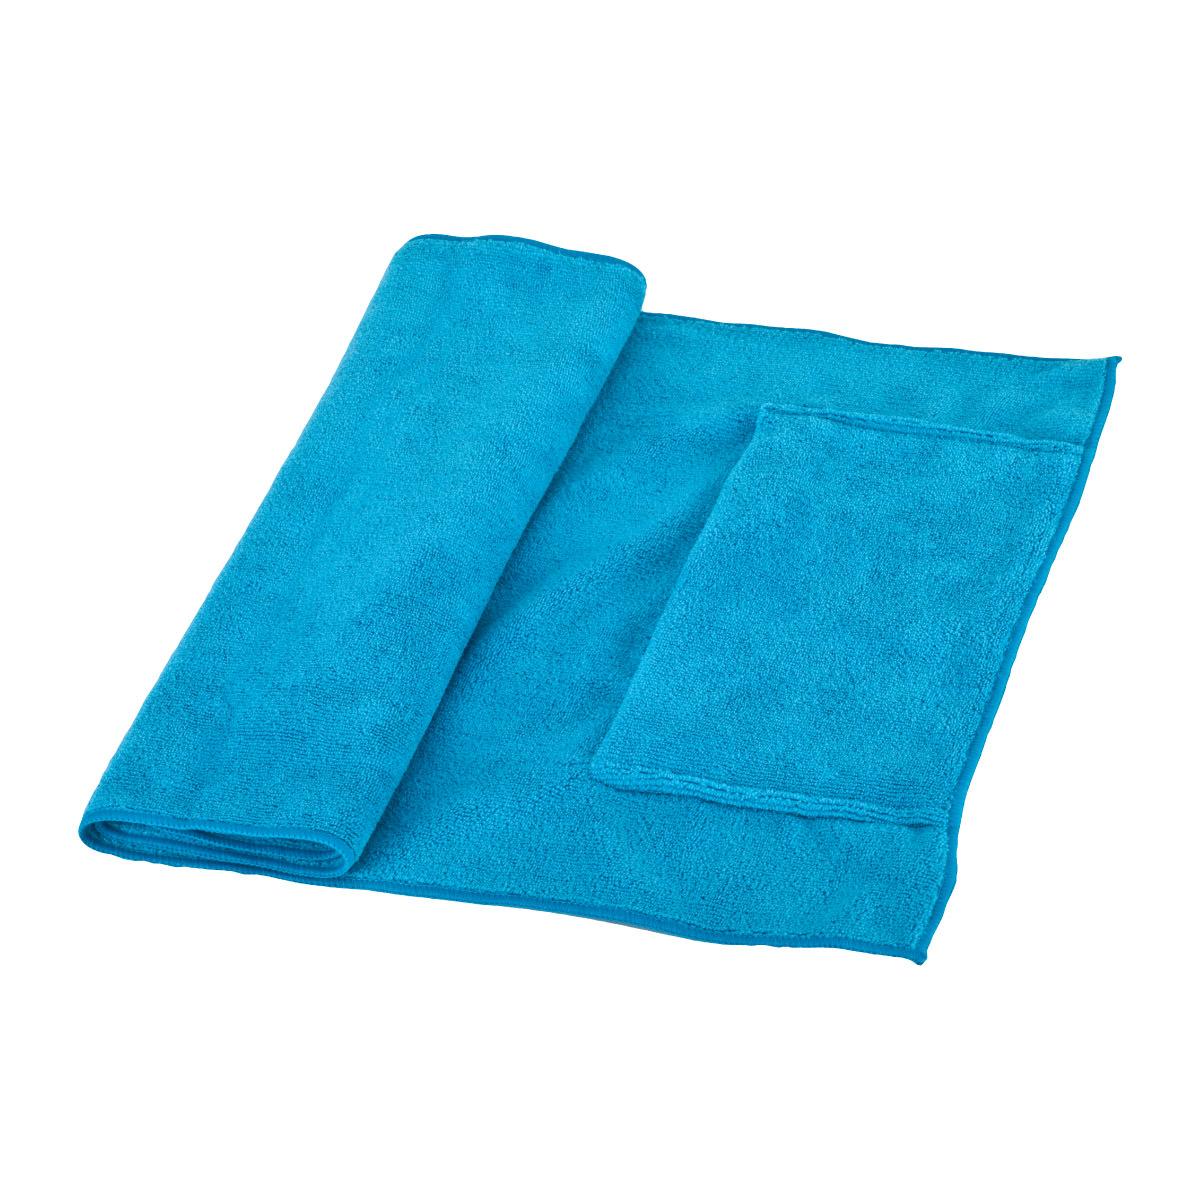 מגבת ספורט עם כיס סגירת רוכסן - ברק